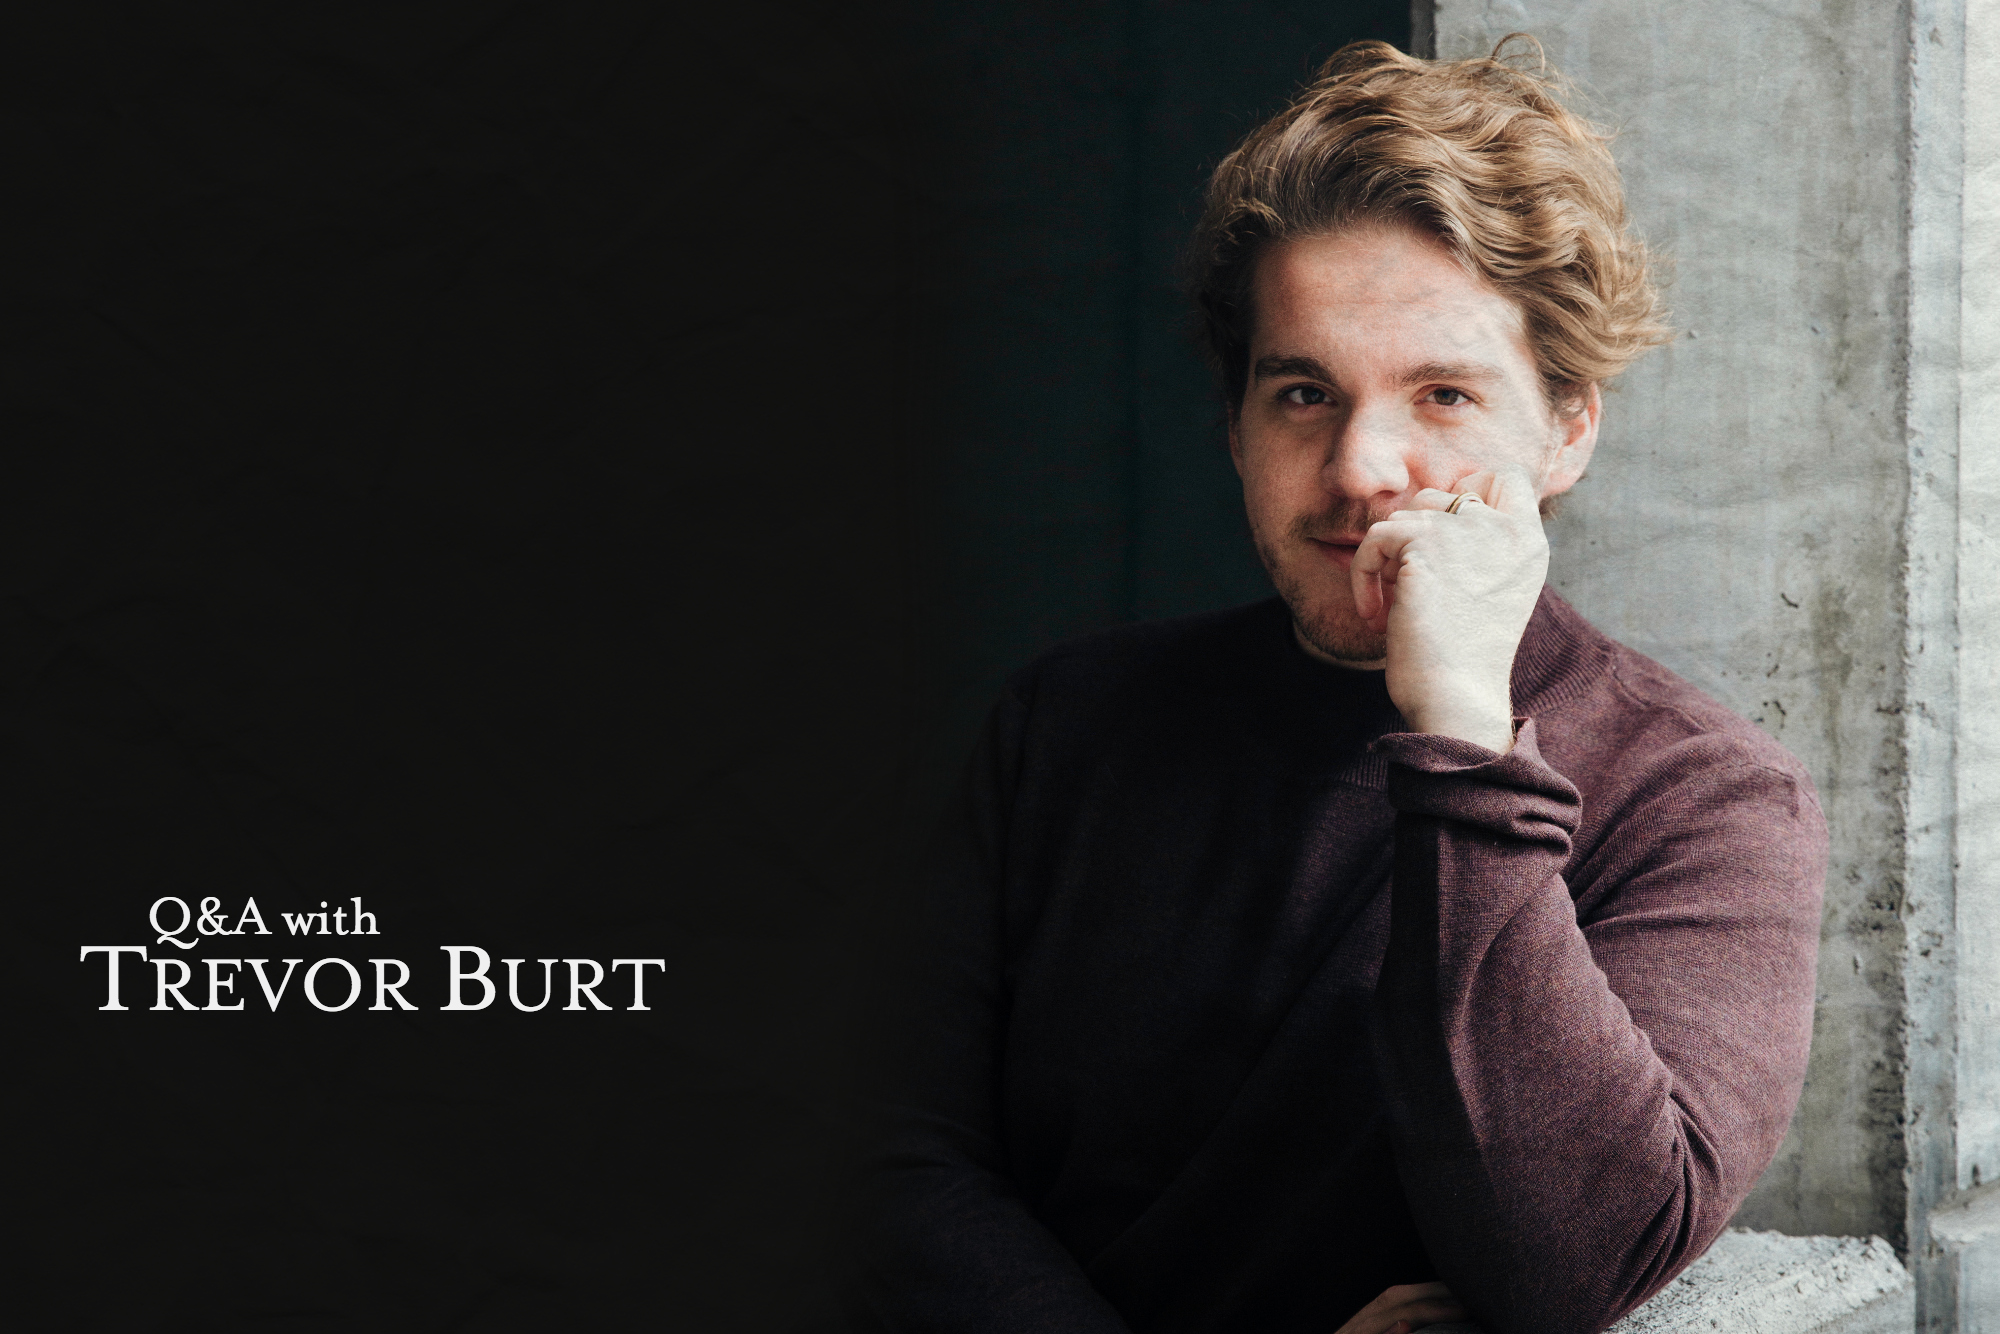 Q&A with Trevor Burt